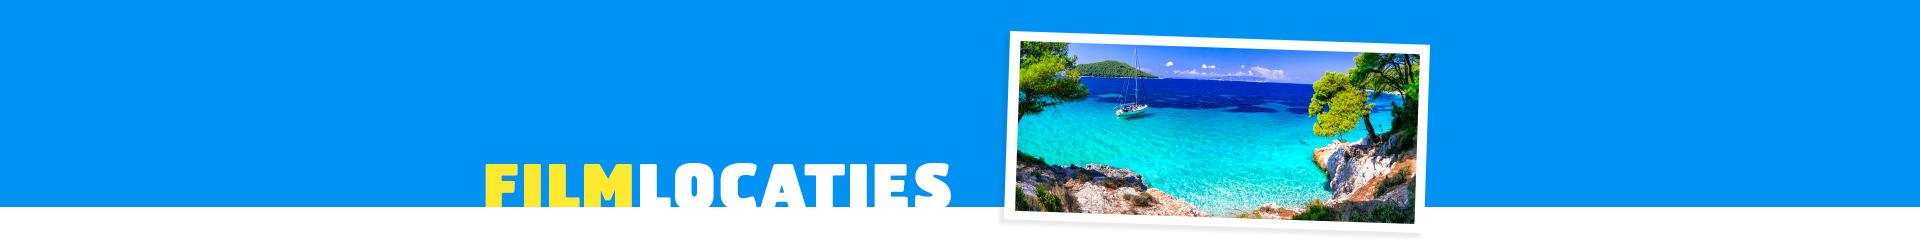 Filmlocatie Mamma Mia - prachtige helderblauwe zee